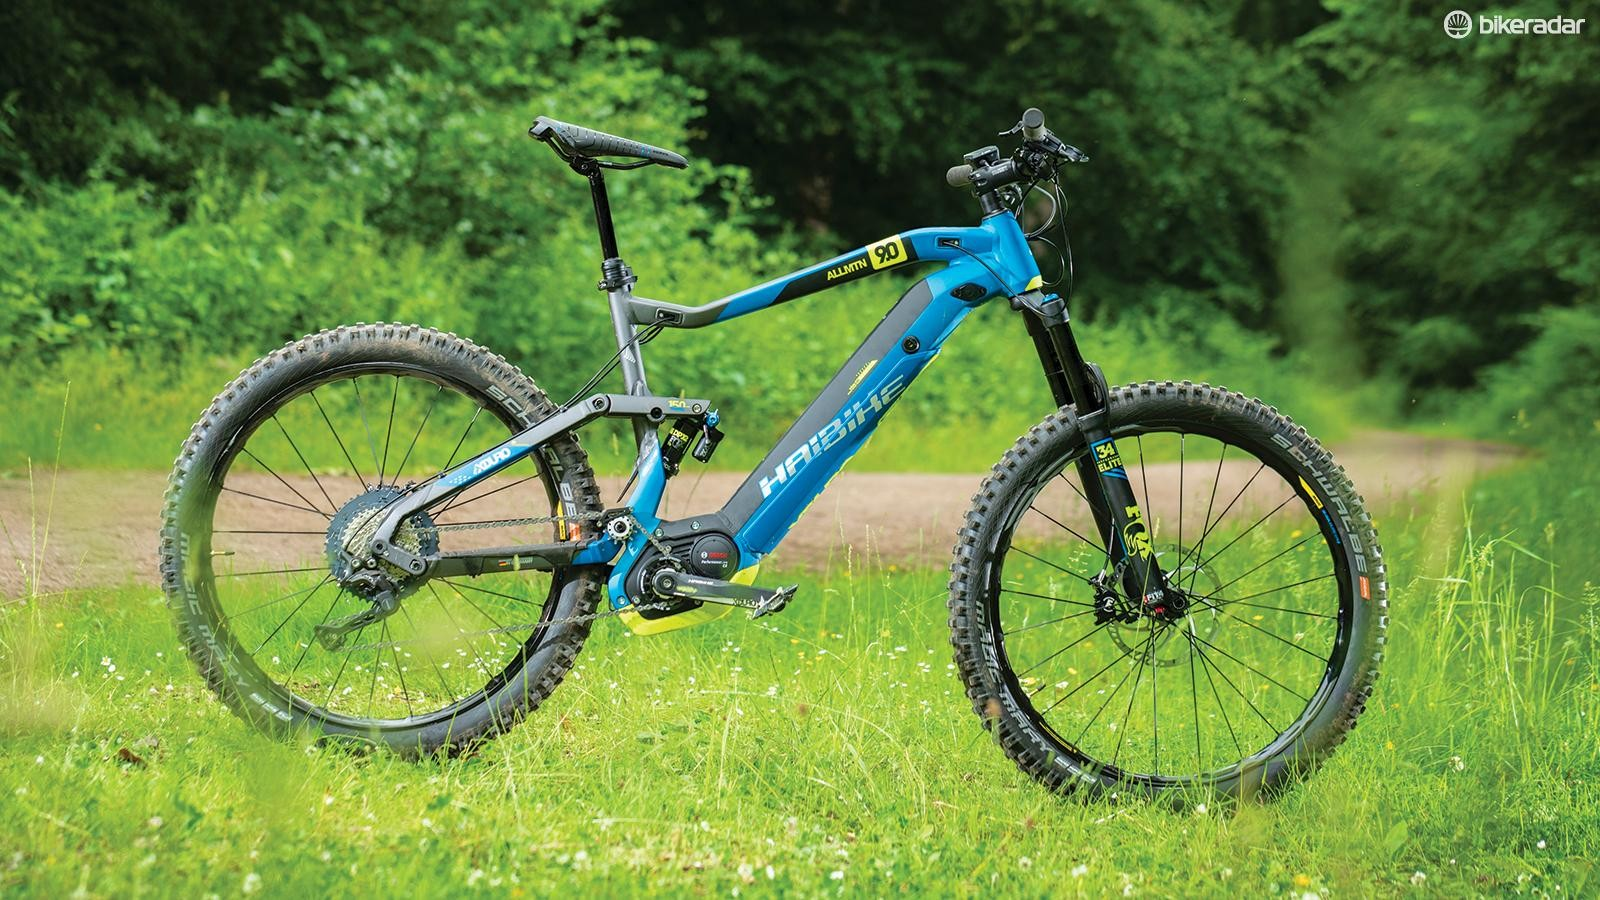 f699feae9e7 Haibike XDURO AllMtn 9.0 review - BikeRadar